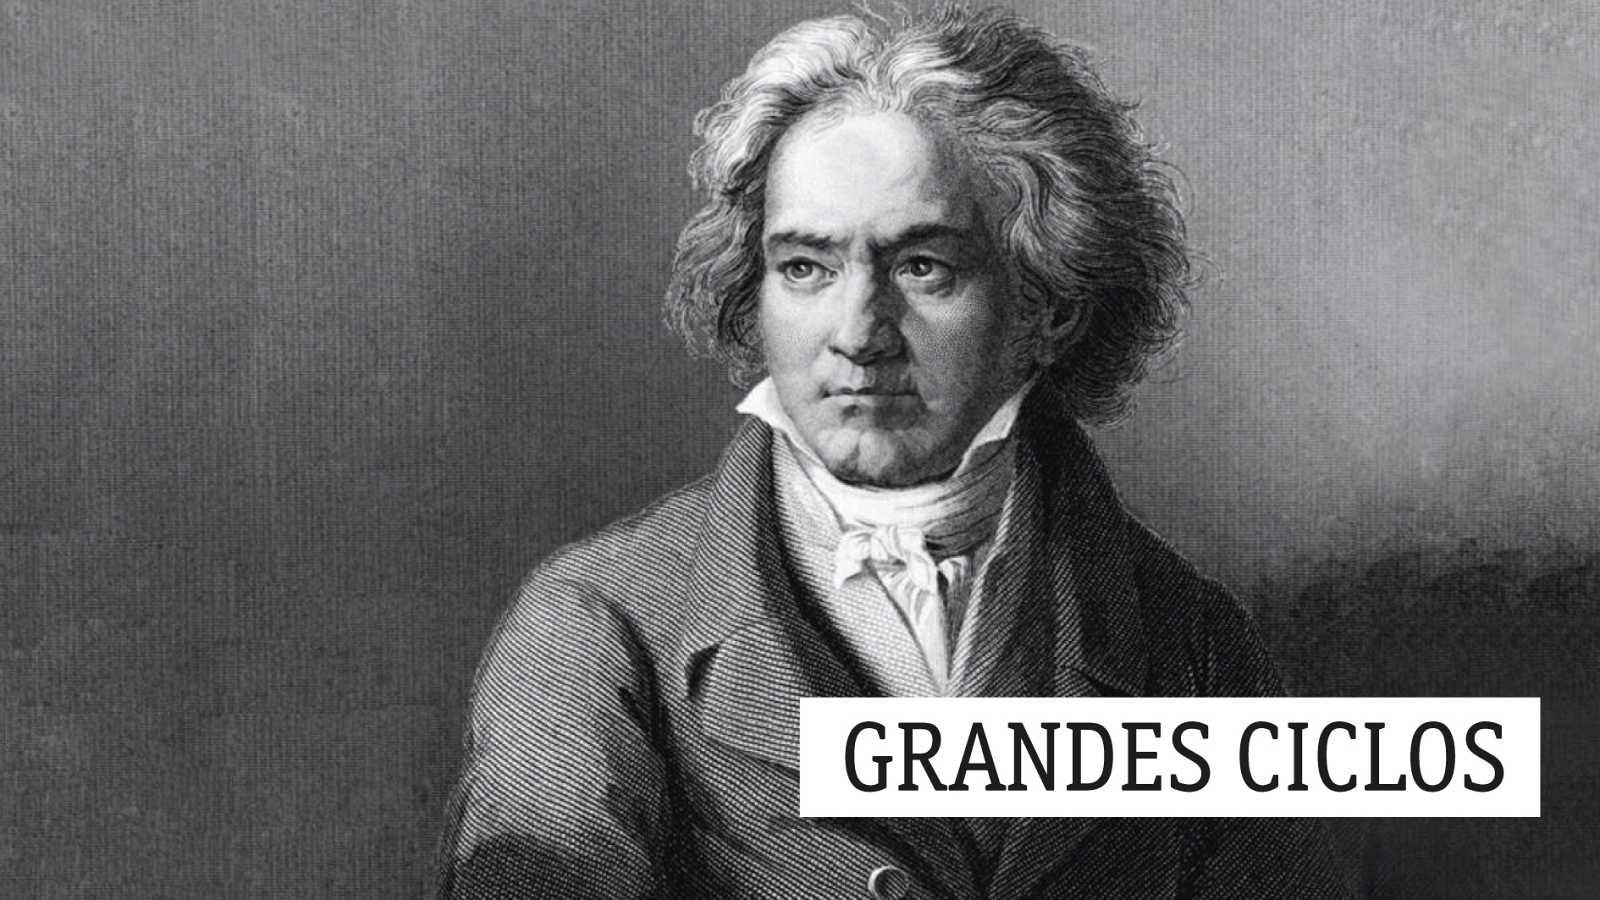 Grandes ciclos - L. van Beethoven (XCII): El milagro del arte - 23/06/20 - escuchar ahora